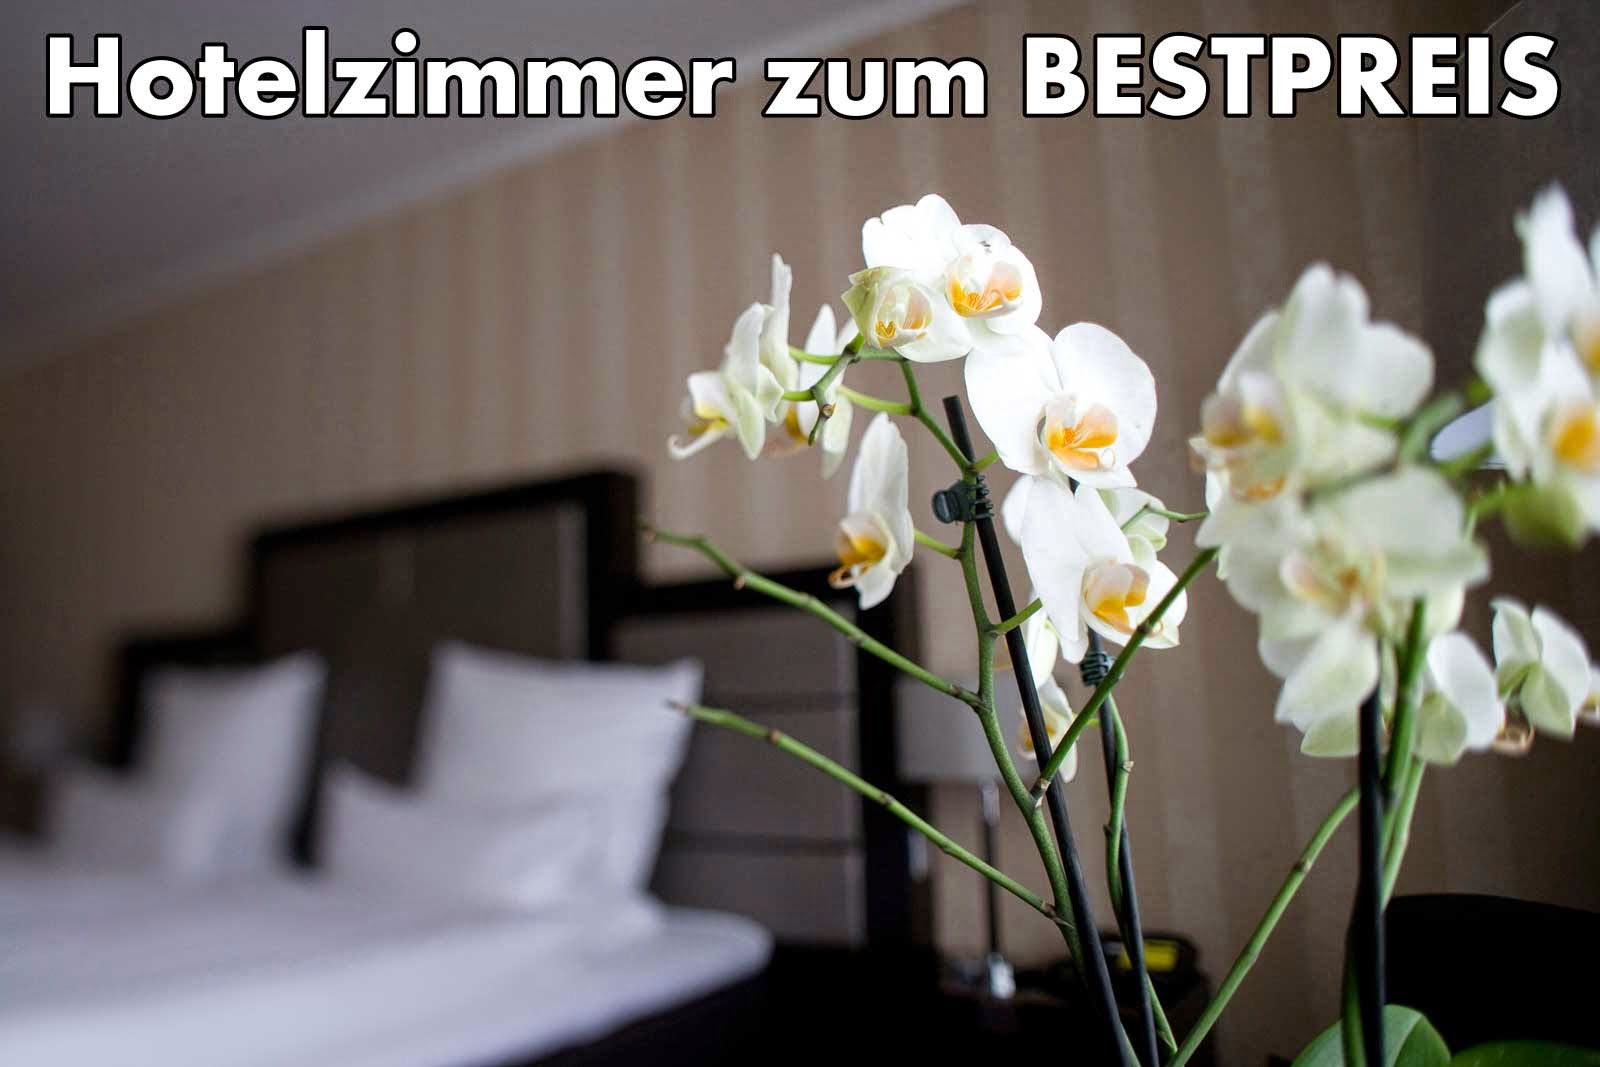 Ratgeber: Hotels günstig buchen >>>